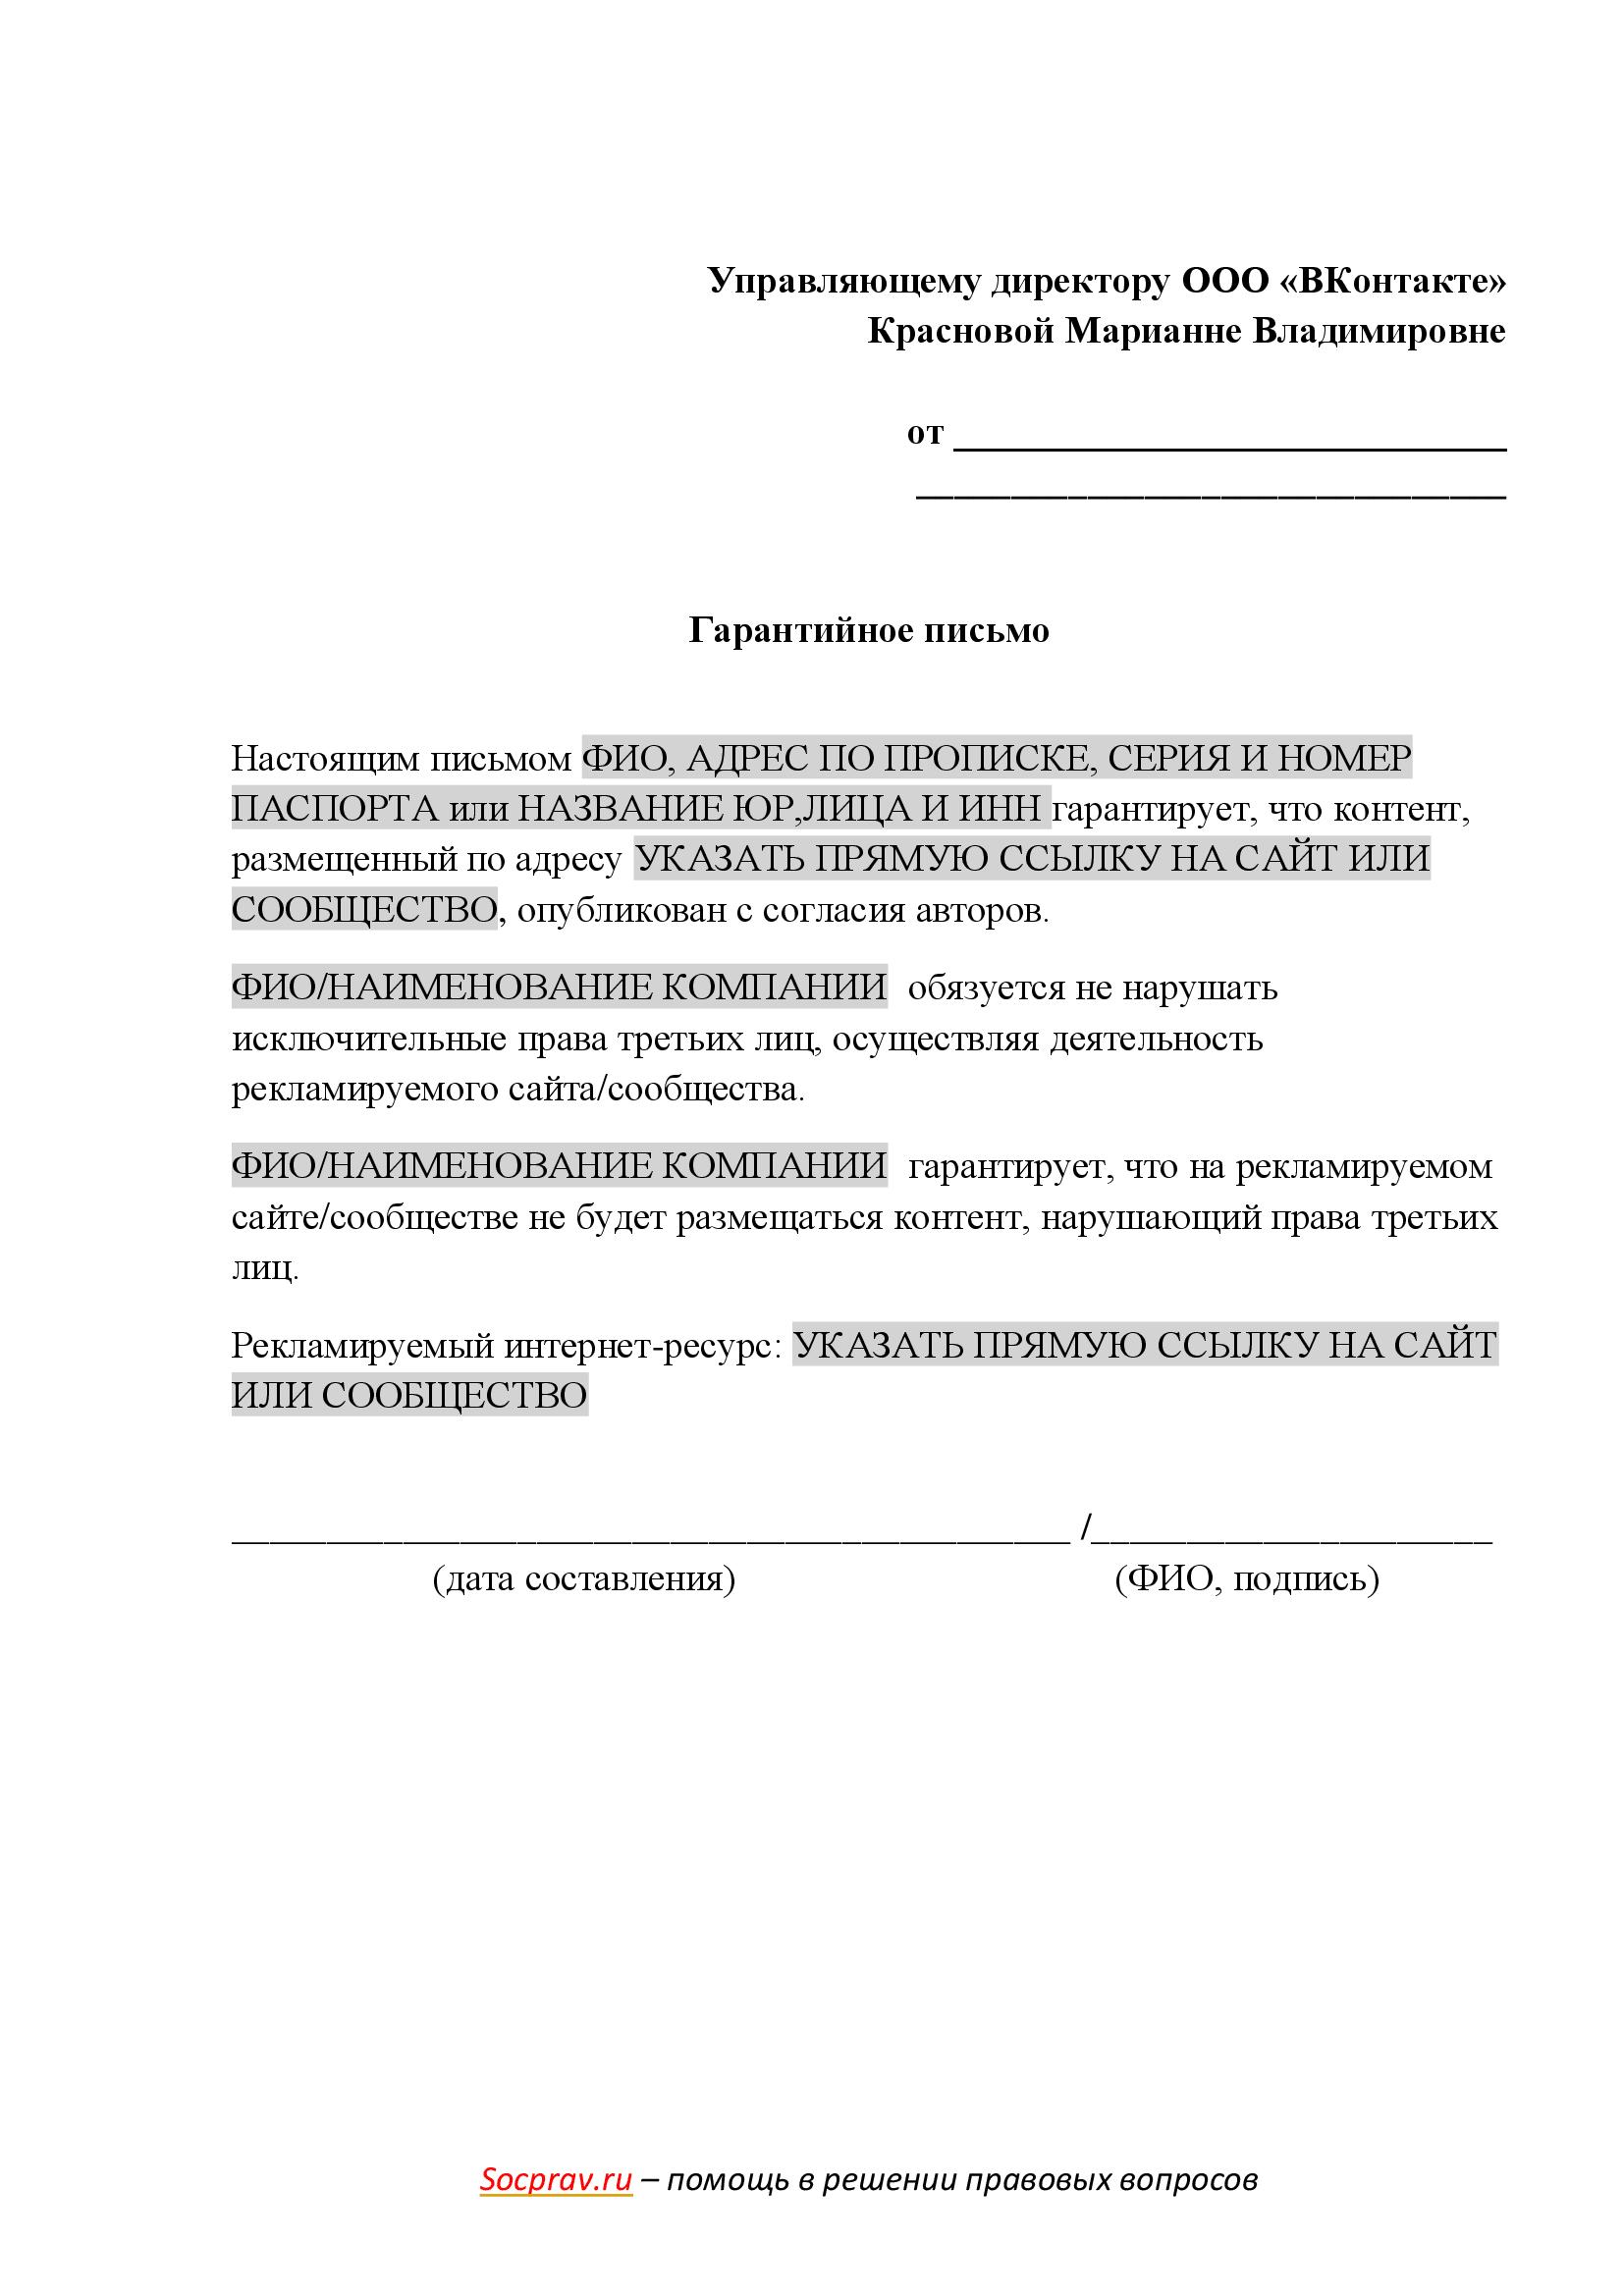 Гарантийное письмо Вконтакте